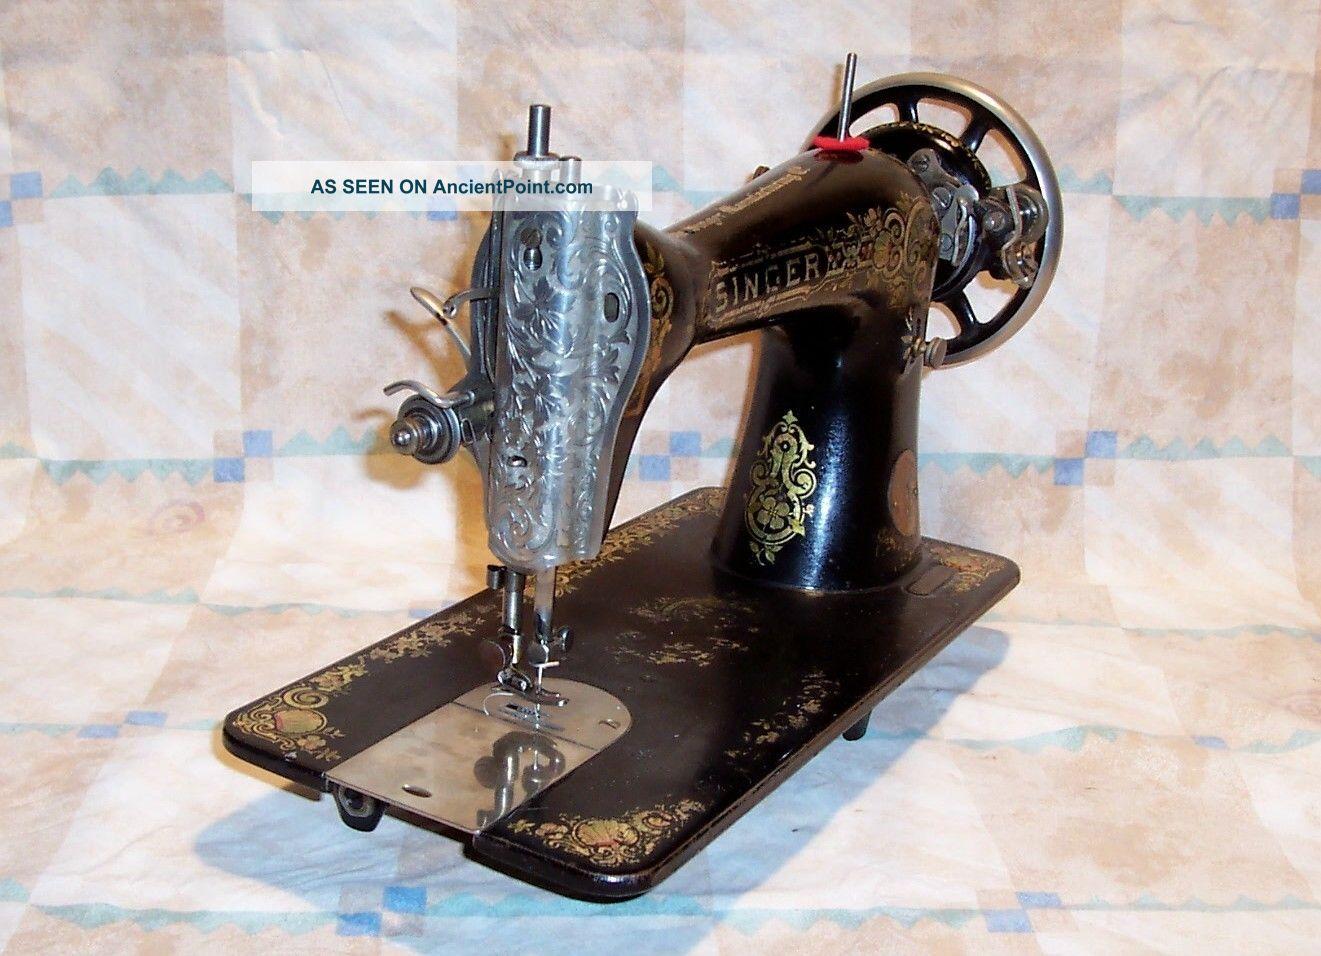 singer 115 sewing machine